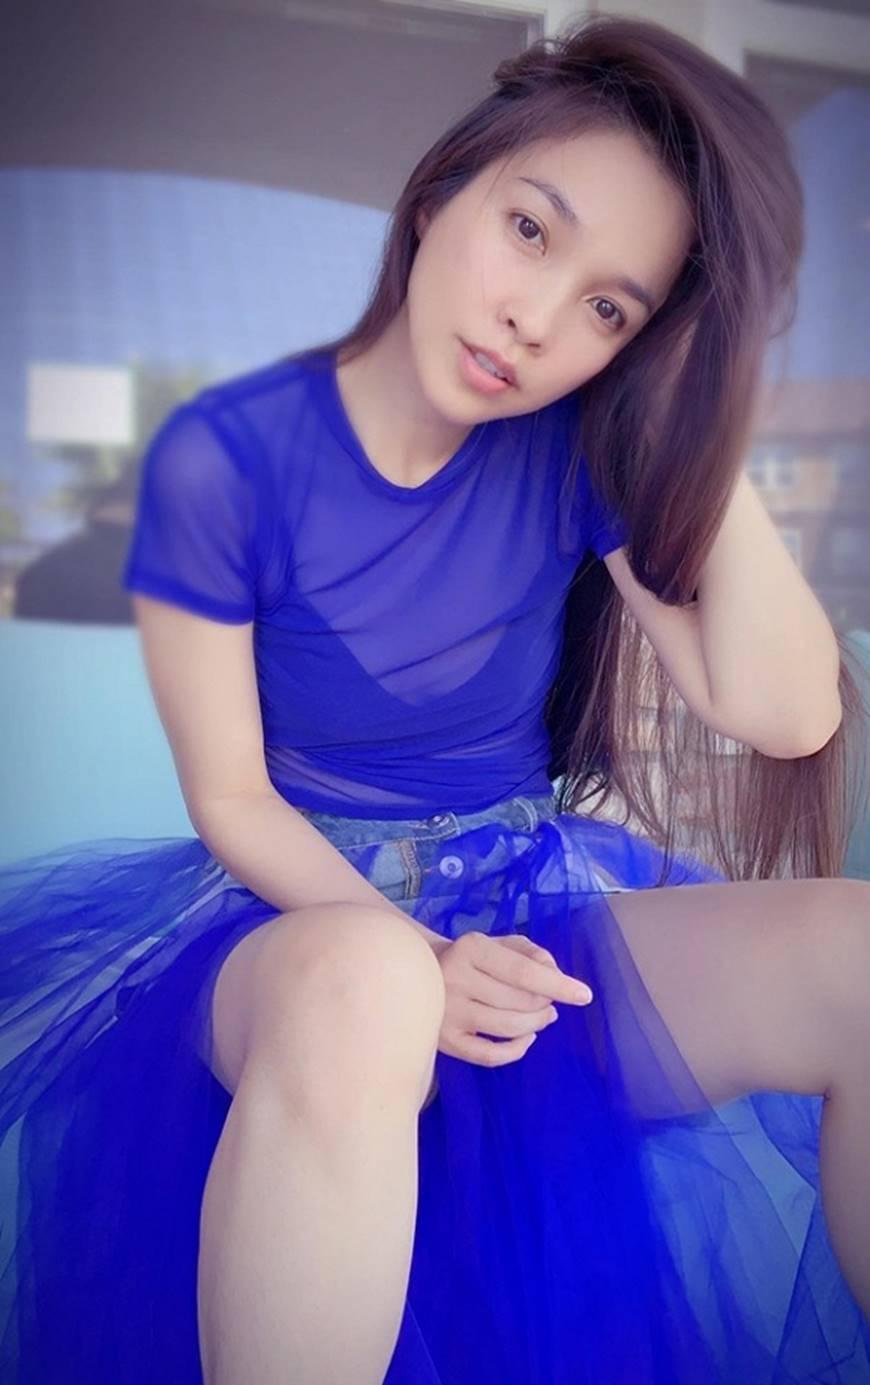 U40 Hiền Thục diện váy xanh điệu đà, khoe đôi chân dài cùng dung mạo trẻ trung hack tuổi-2